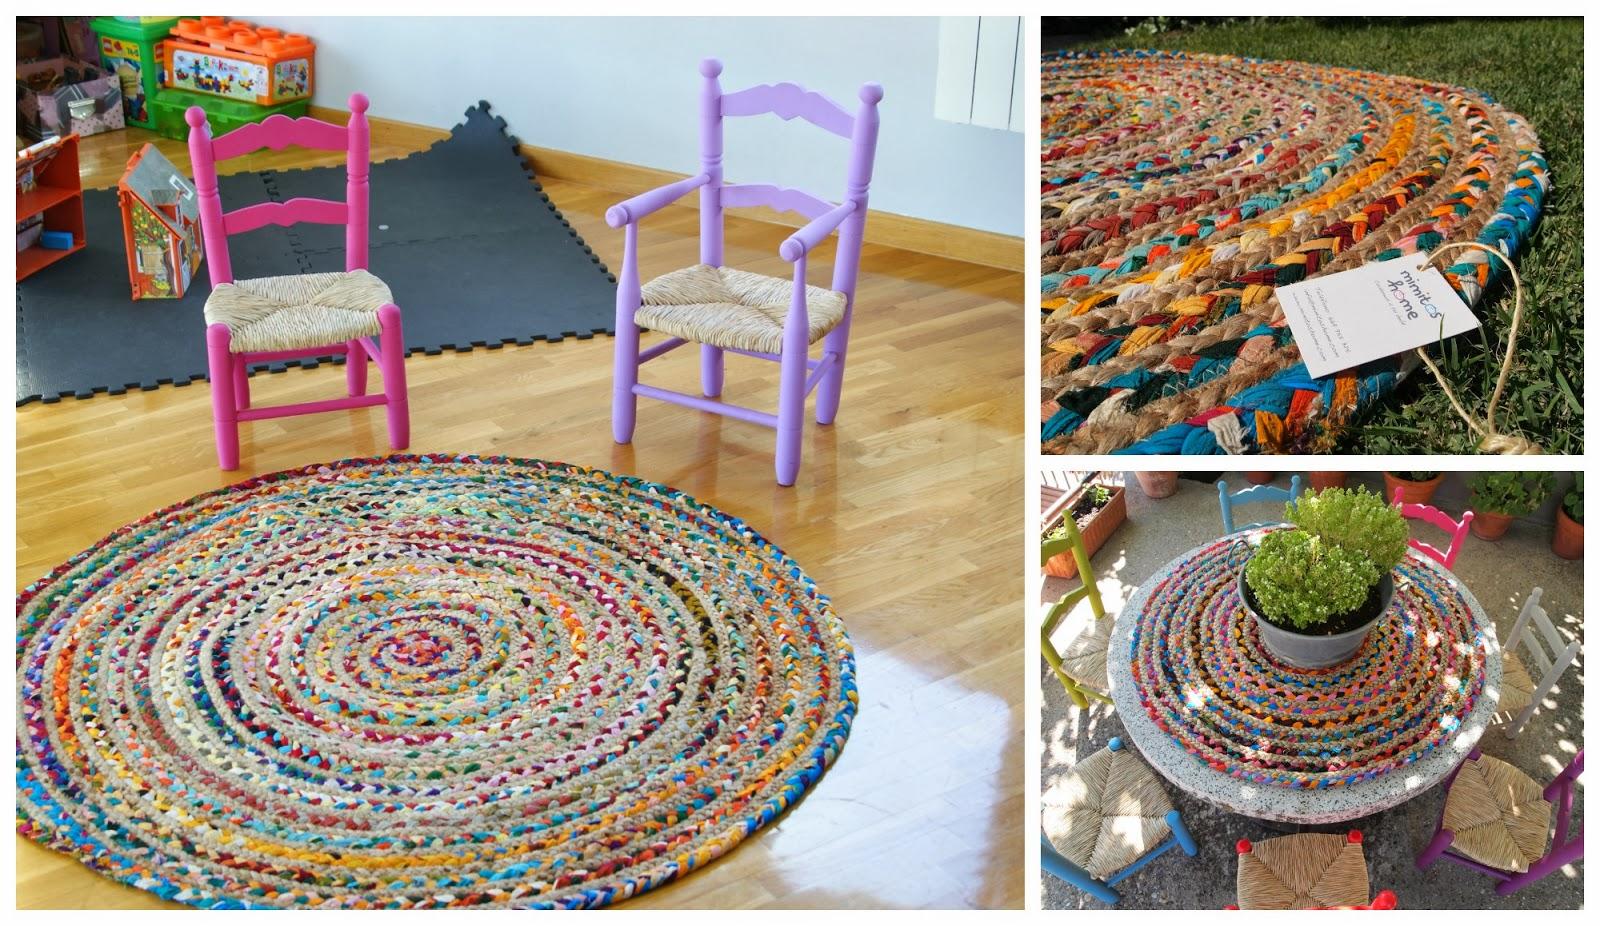 Mimitos home alfombras indias de telas y yute i dale - Alfombras redondas infantiles ...